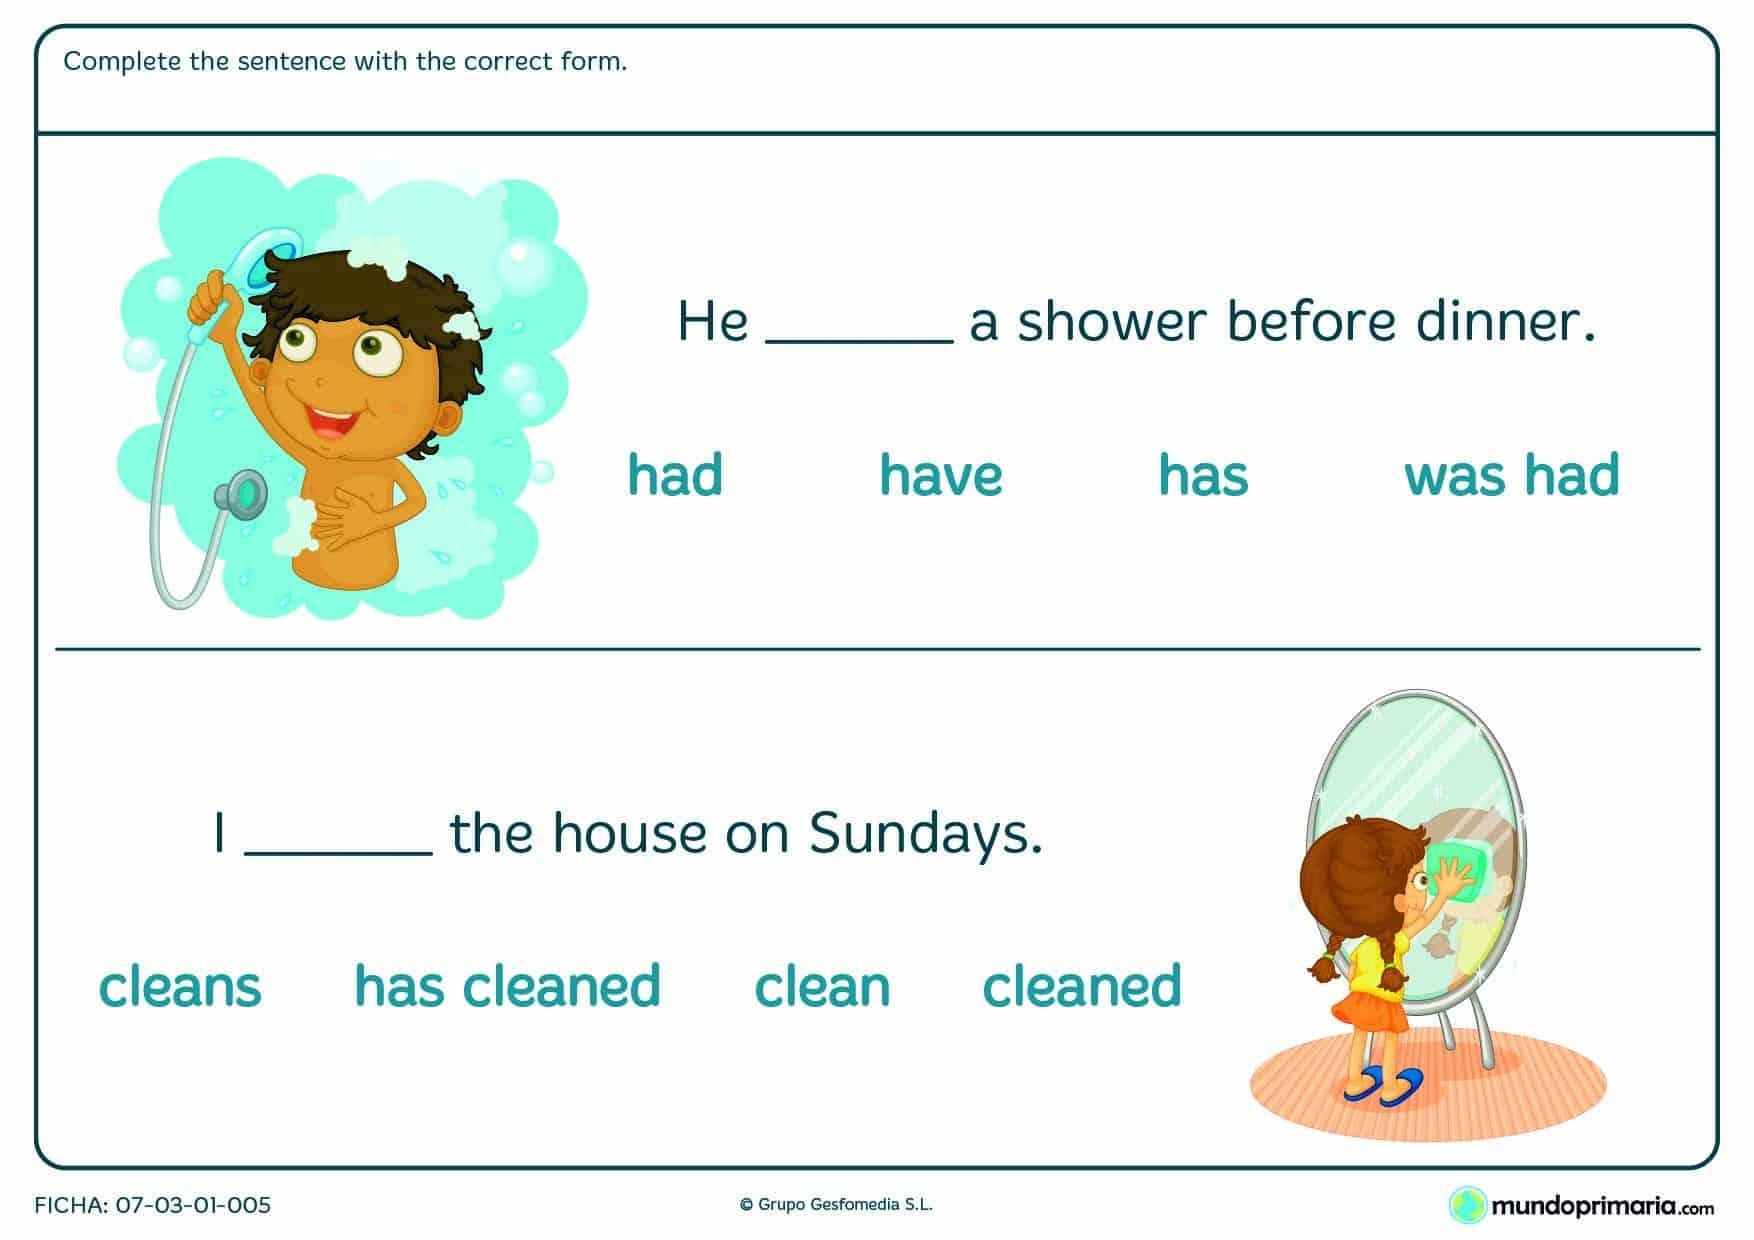 Ficha en la que hay que dar sentido a la frase con un verbo en inglés